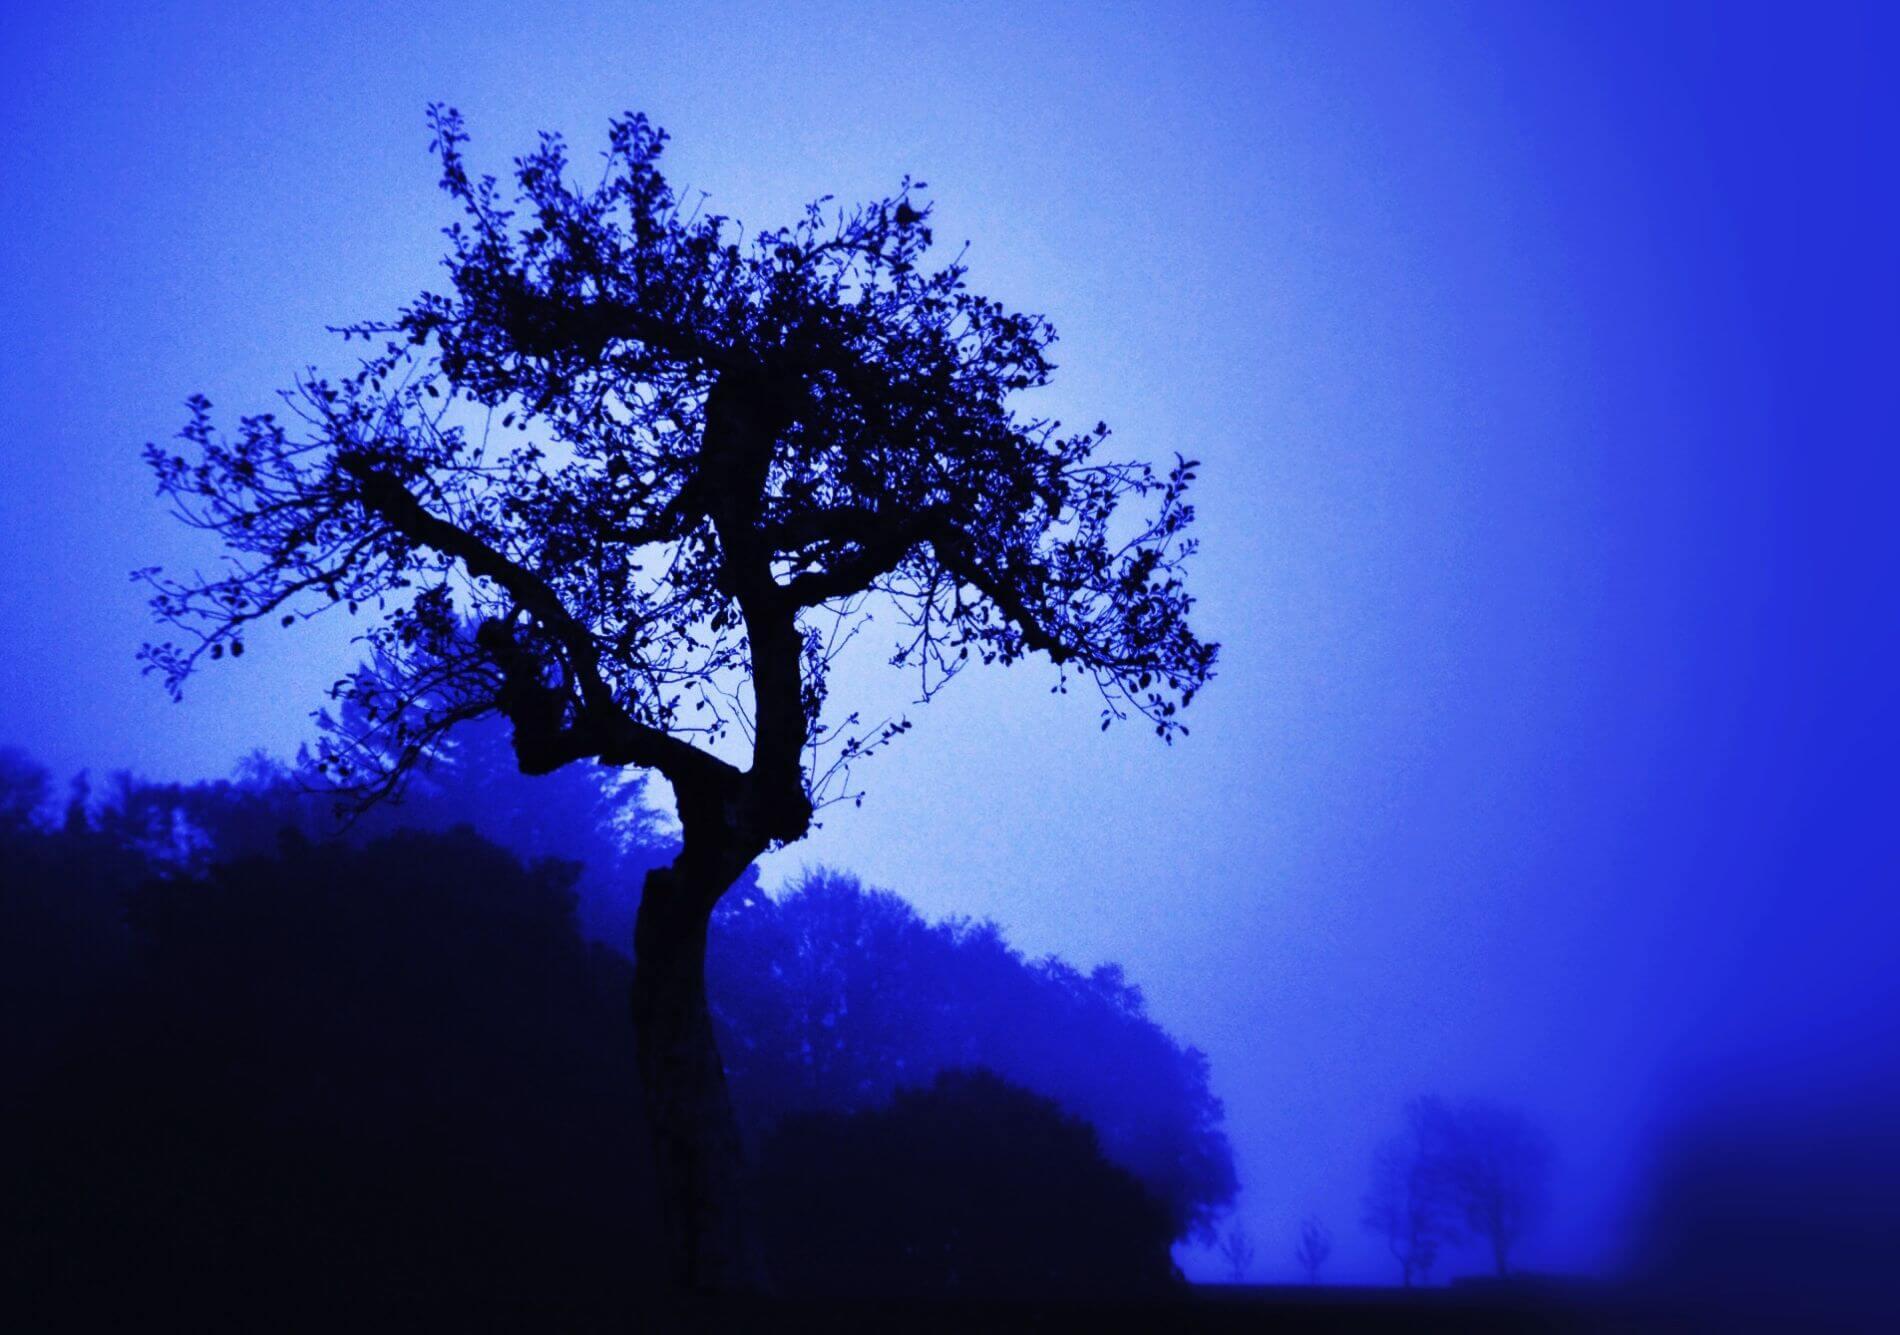 Eckhard Ischebeck Gewächse - Baum in Blau